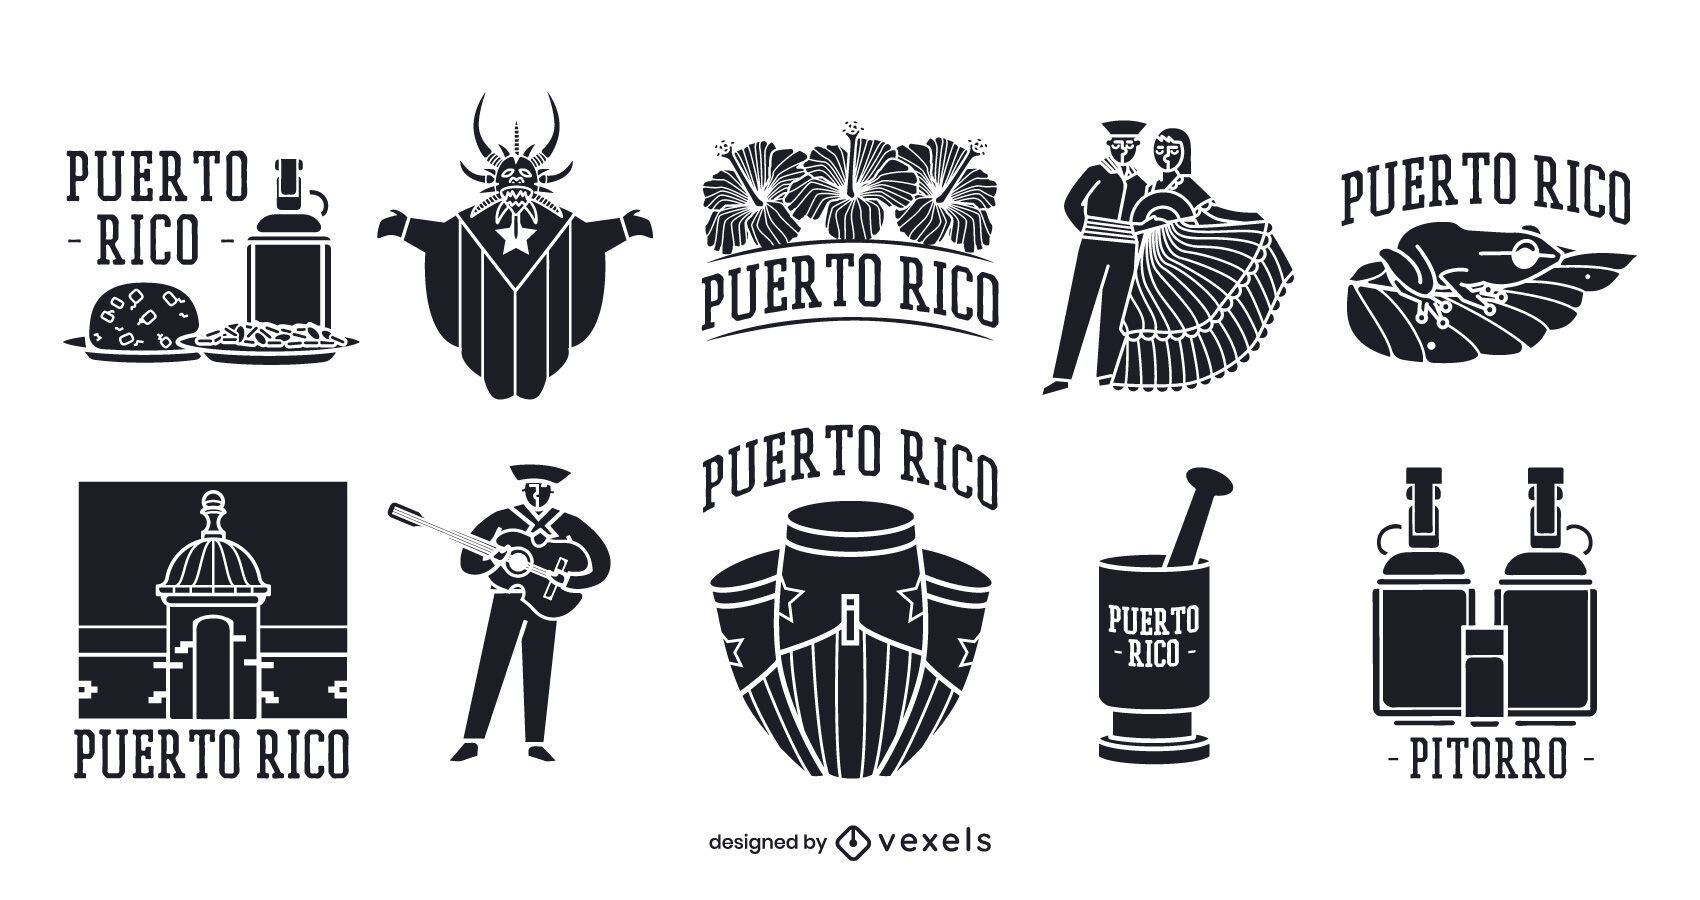 Paquete de elementos de silueta de Puerto Rico